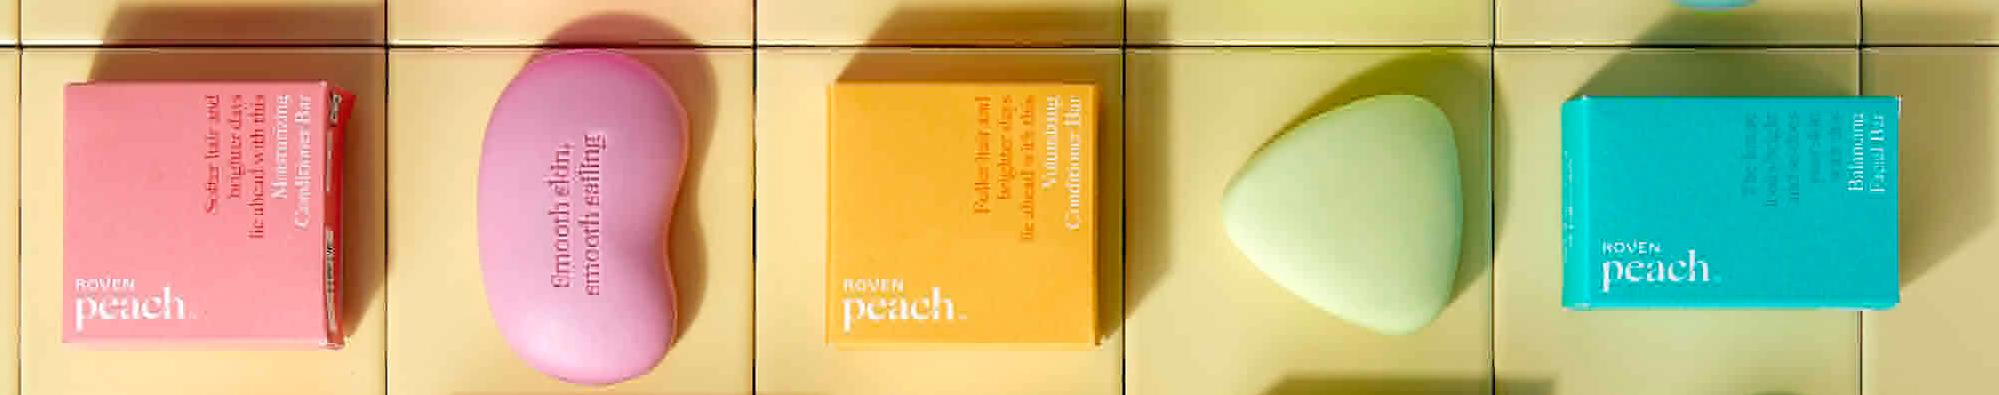 Peach brand